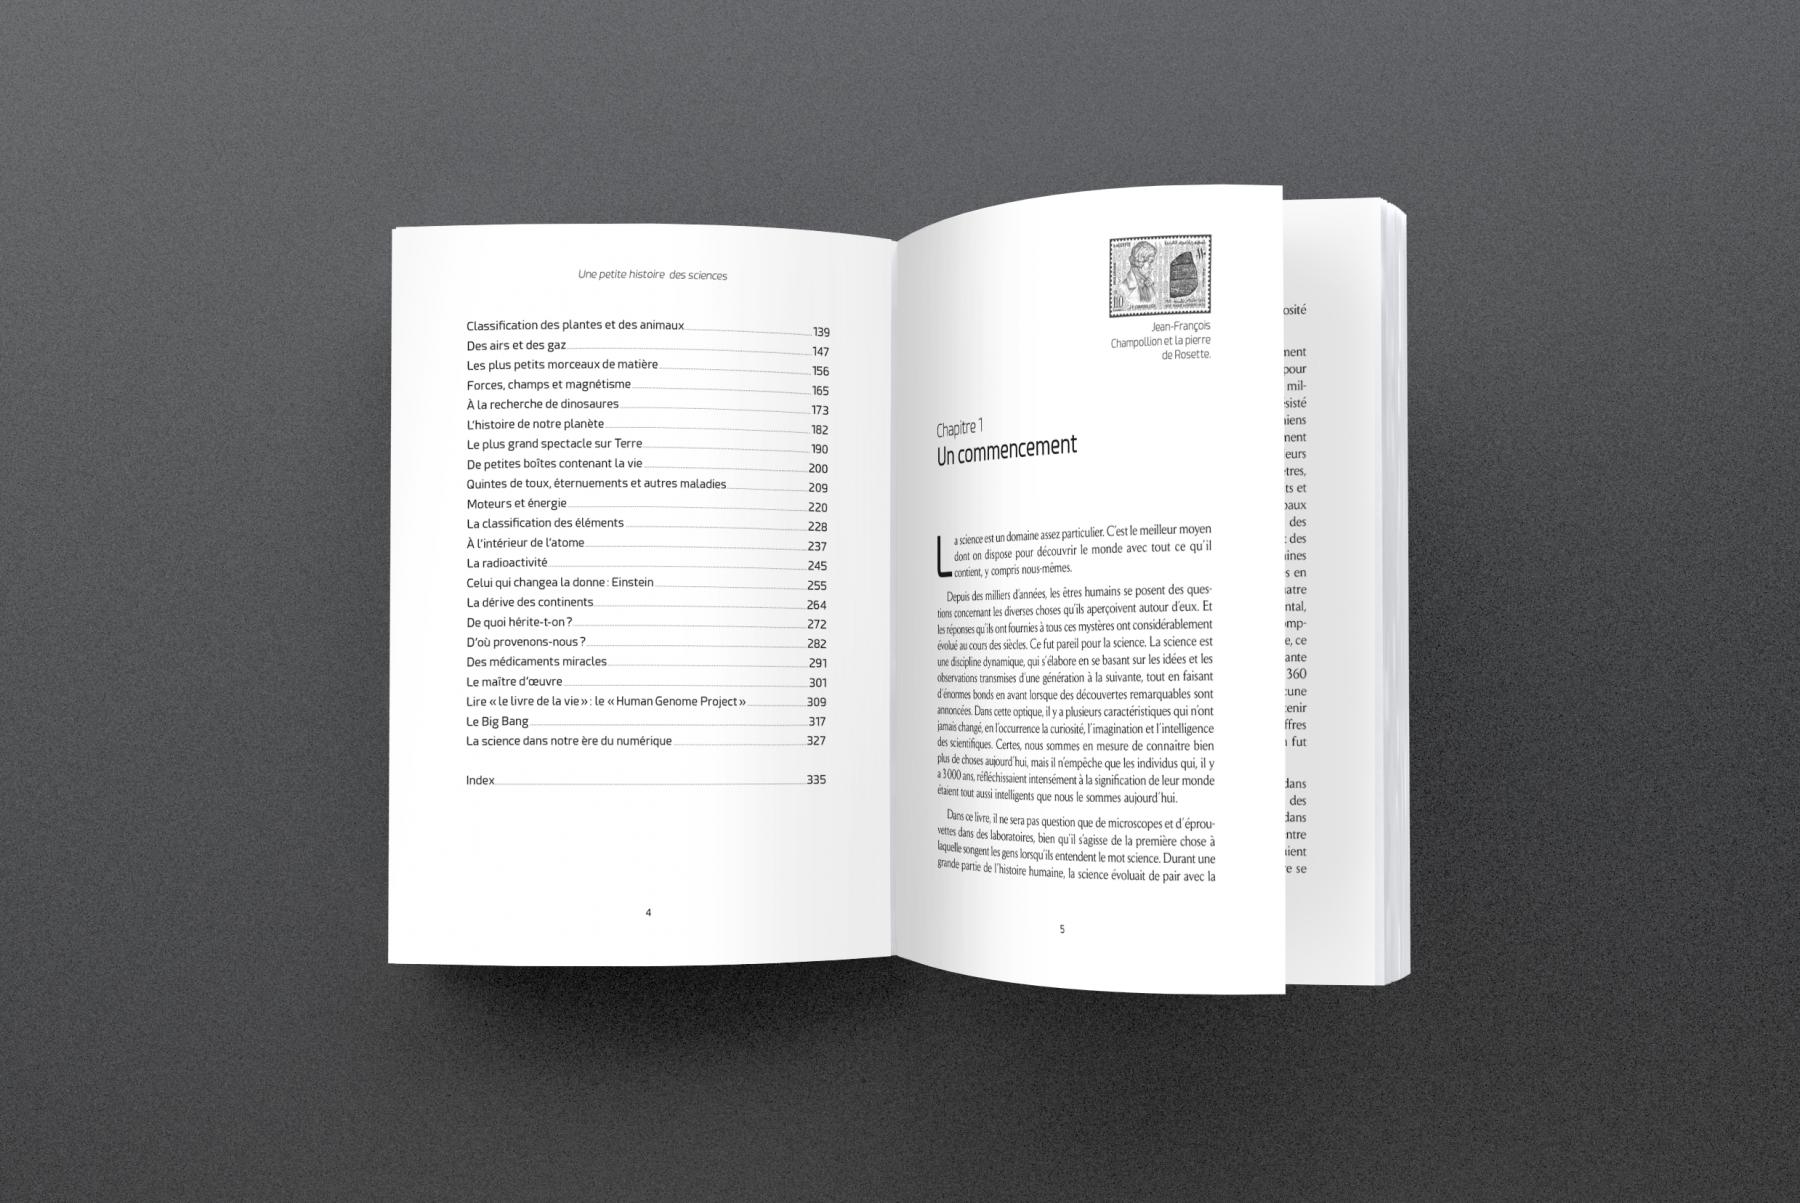 Création de maquette et mise en pages de l'ouvrage de vulgarisation scientifique Une petite histoire des sciences pour l'éditeur De Boeck